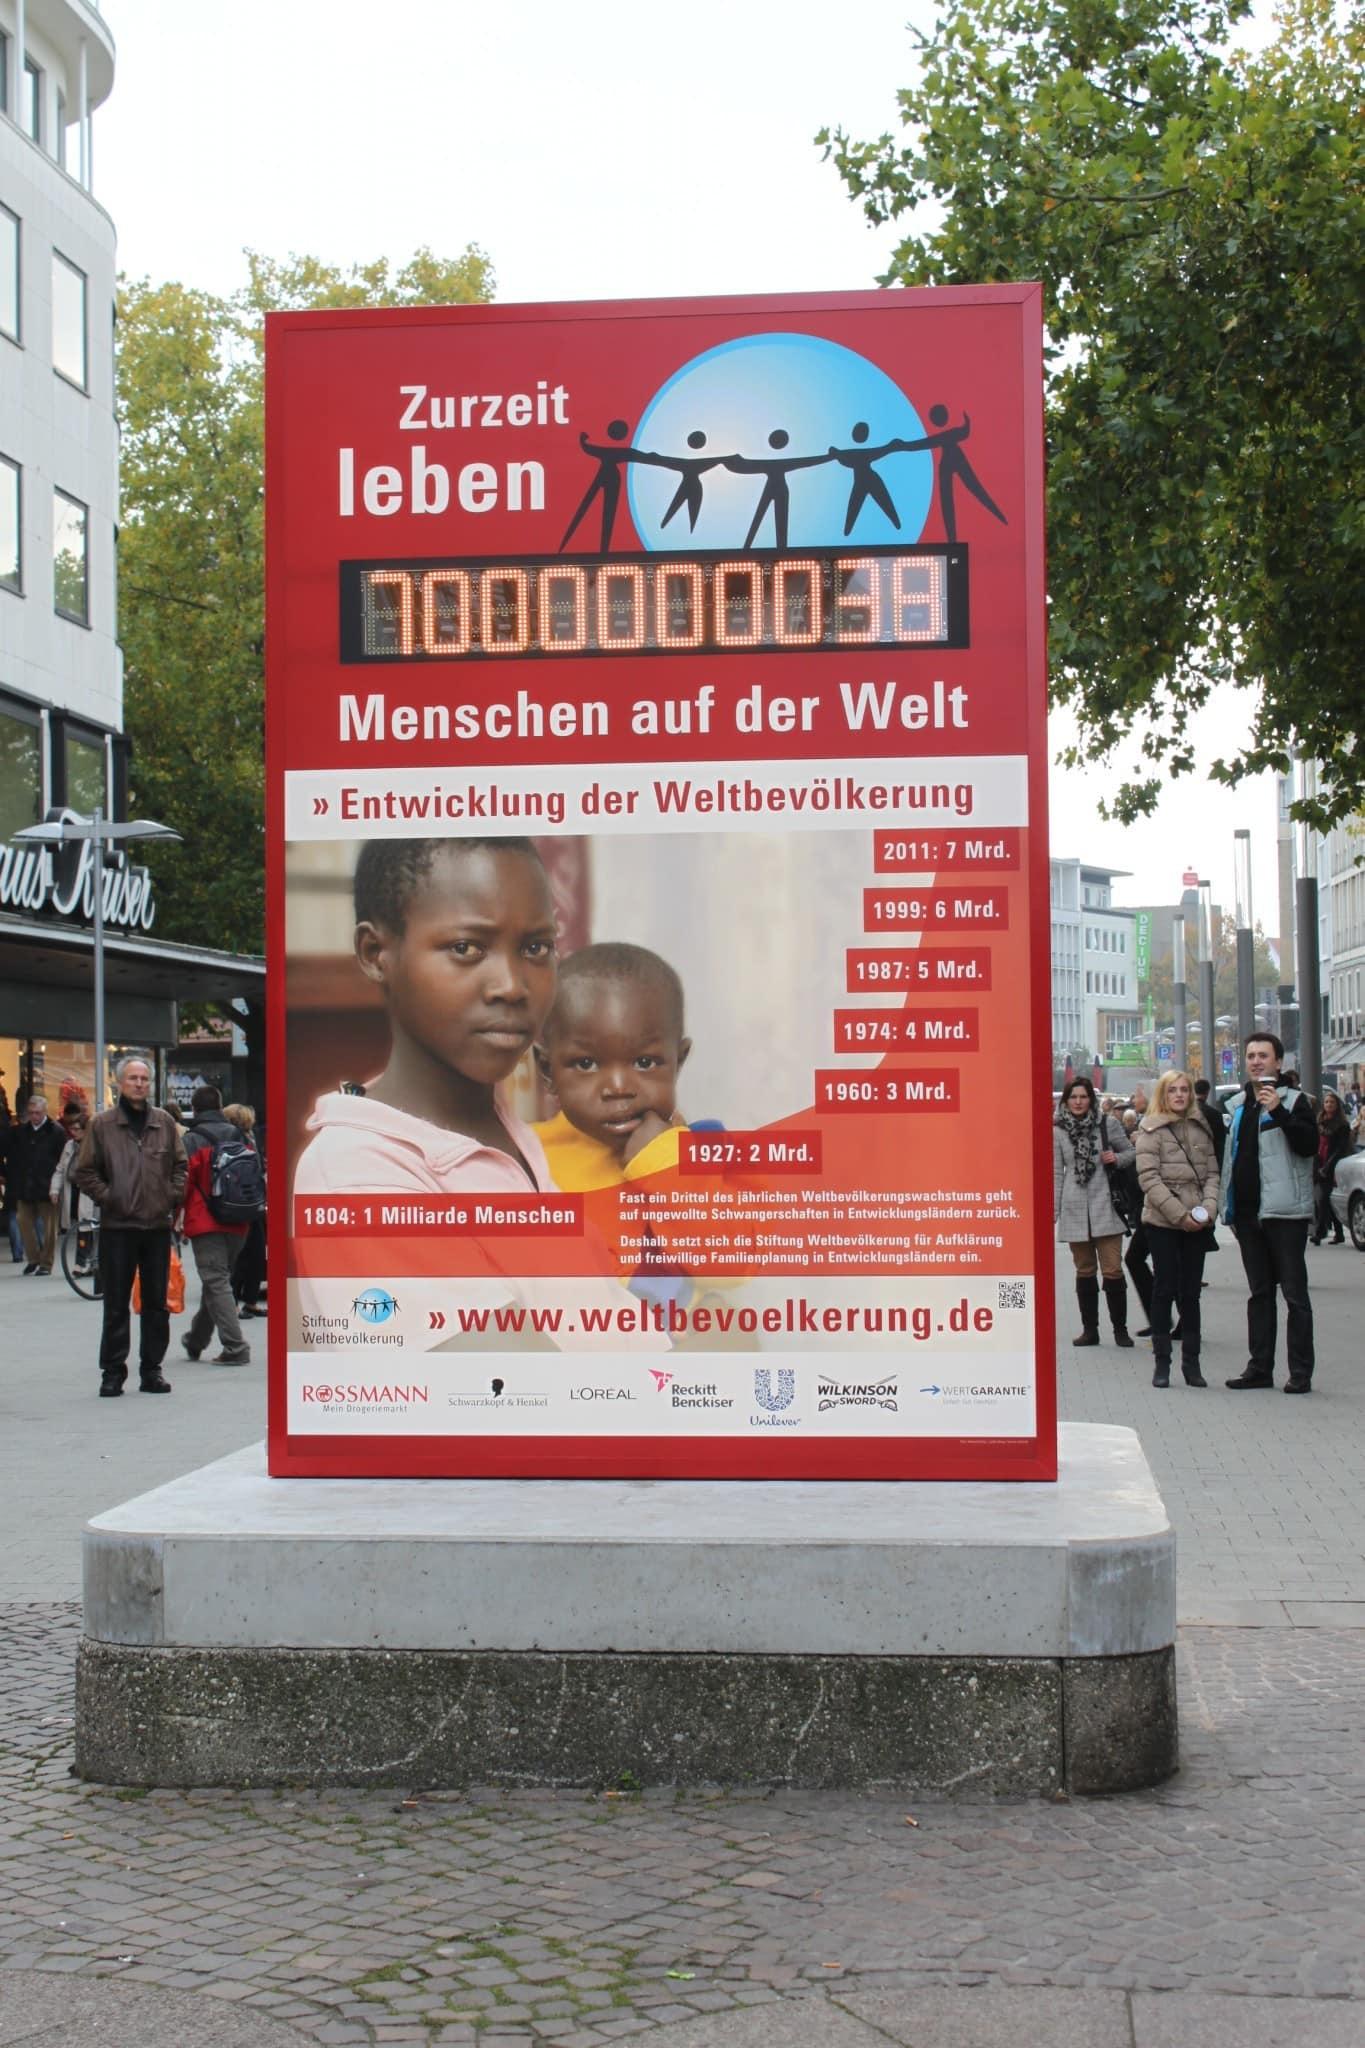 Der siebenmilliardste Mensch wird geboren – und die Öffentlichkeit soll davon erfahren